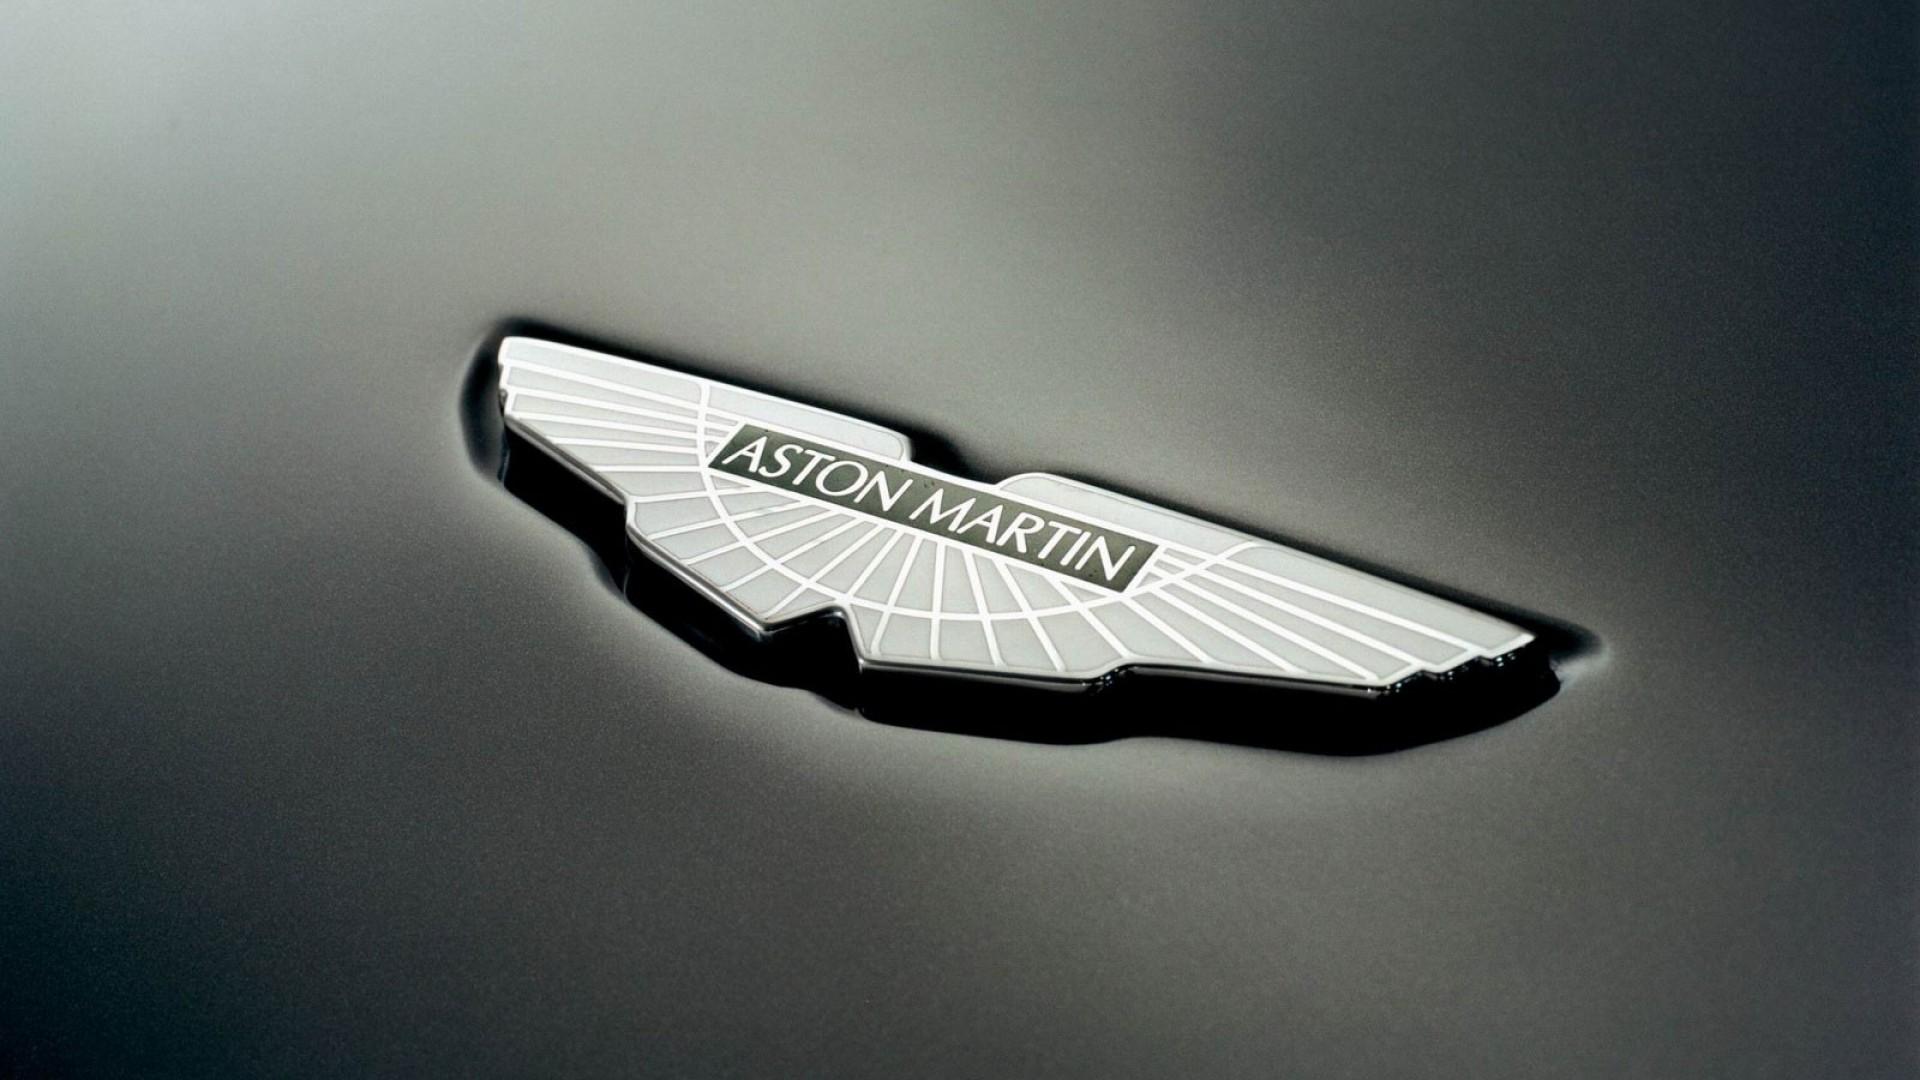 Aston Martin Logo 6948504 1920x1080